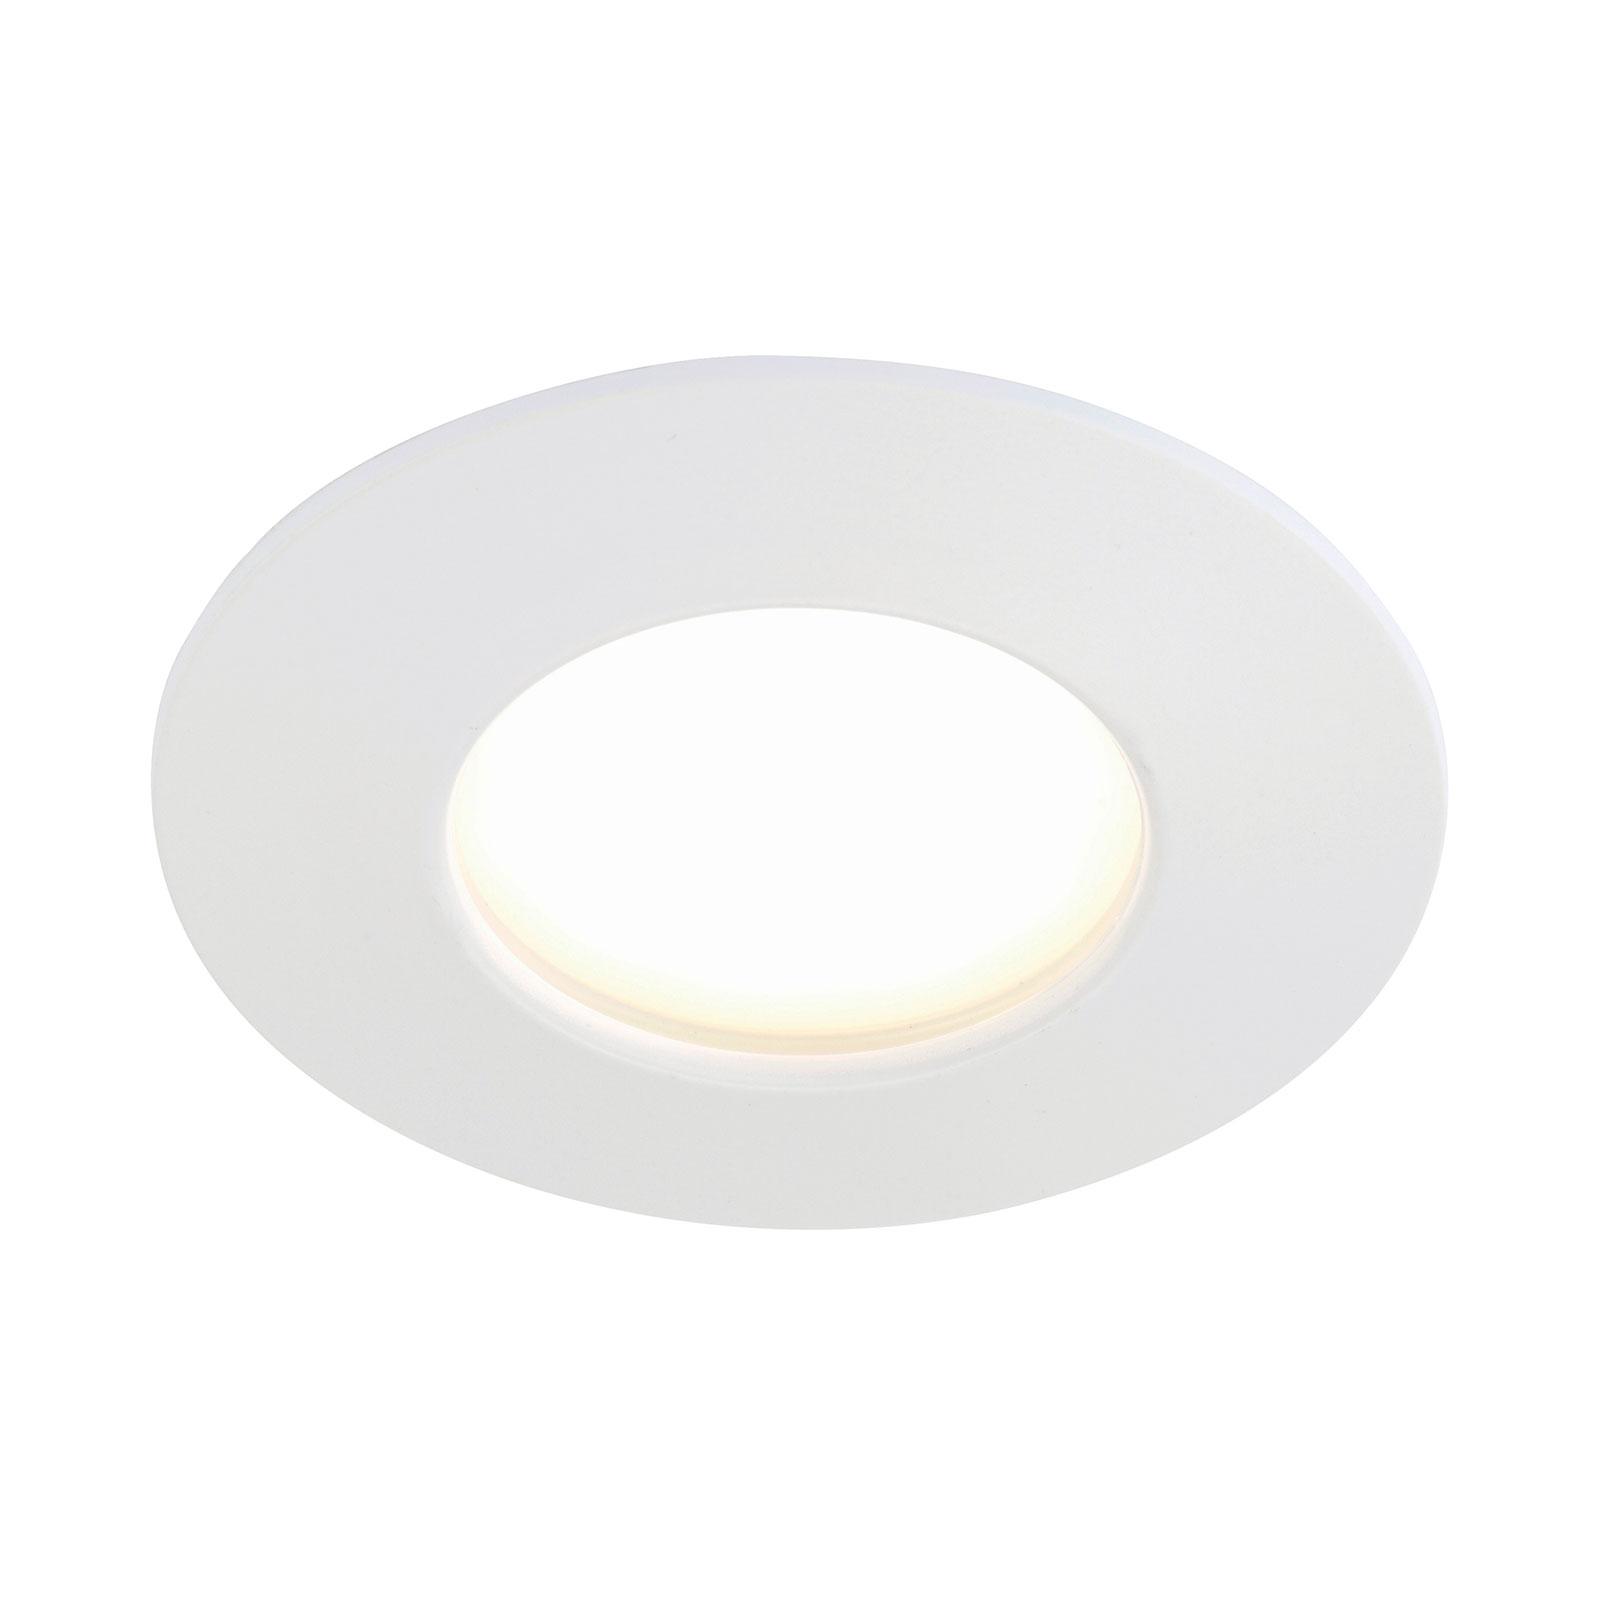 Weiße LED-Einbauleuchte Till für außen